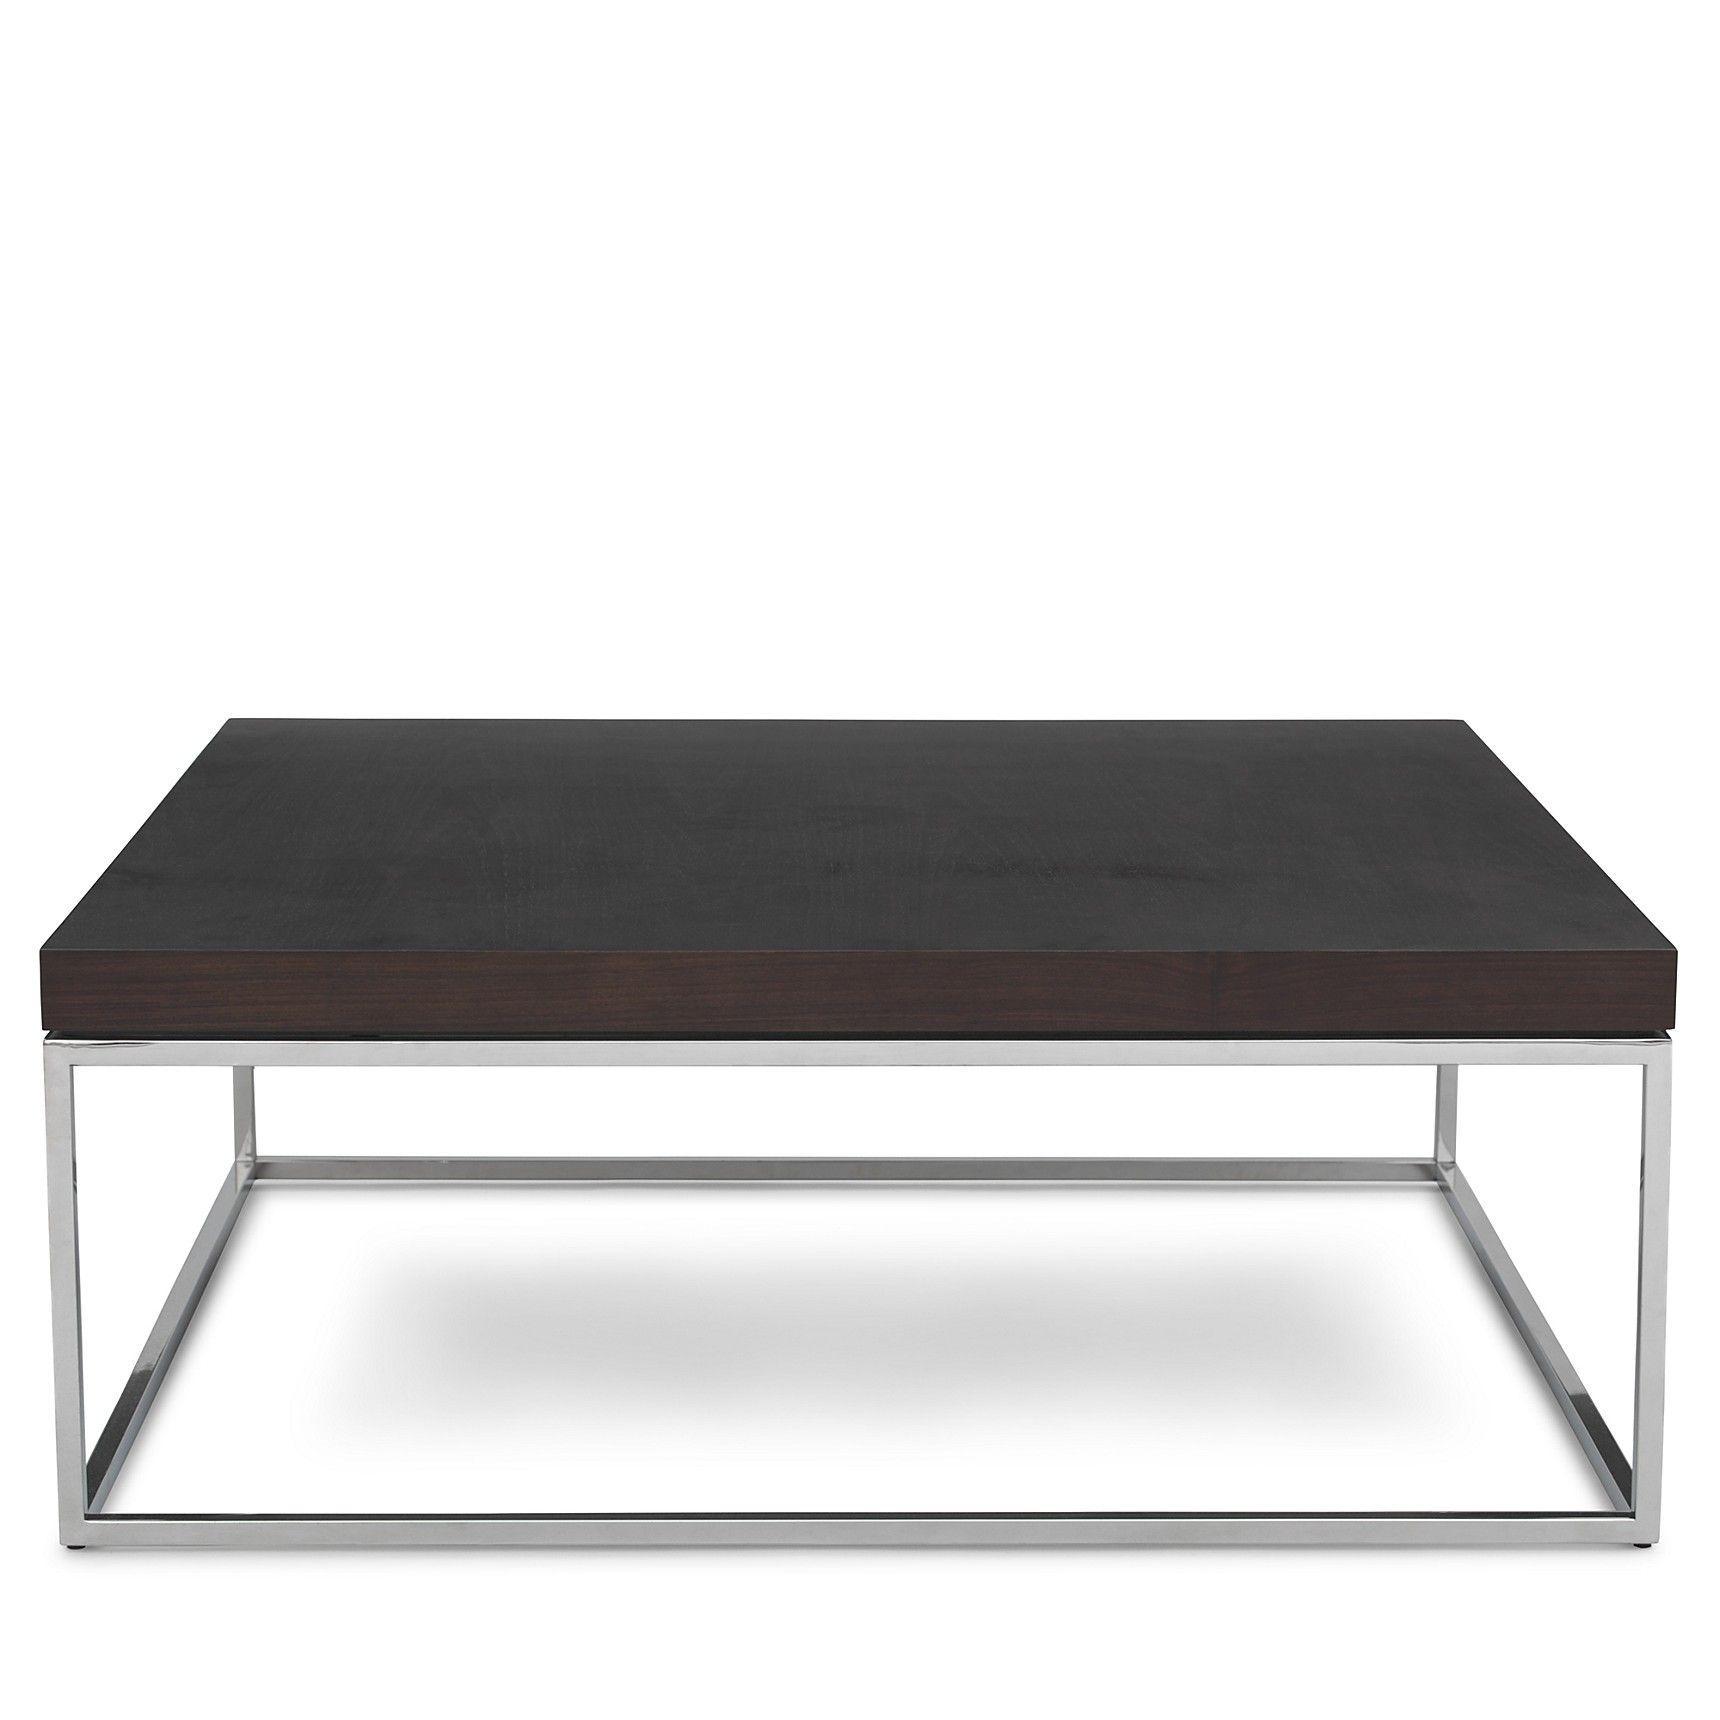 Mitchell Gold Bob Williams Markham Square Coffee Table Bloomingdale S Coffee Table Coffee Table Square Table